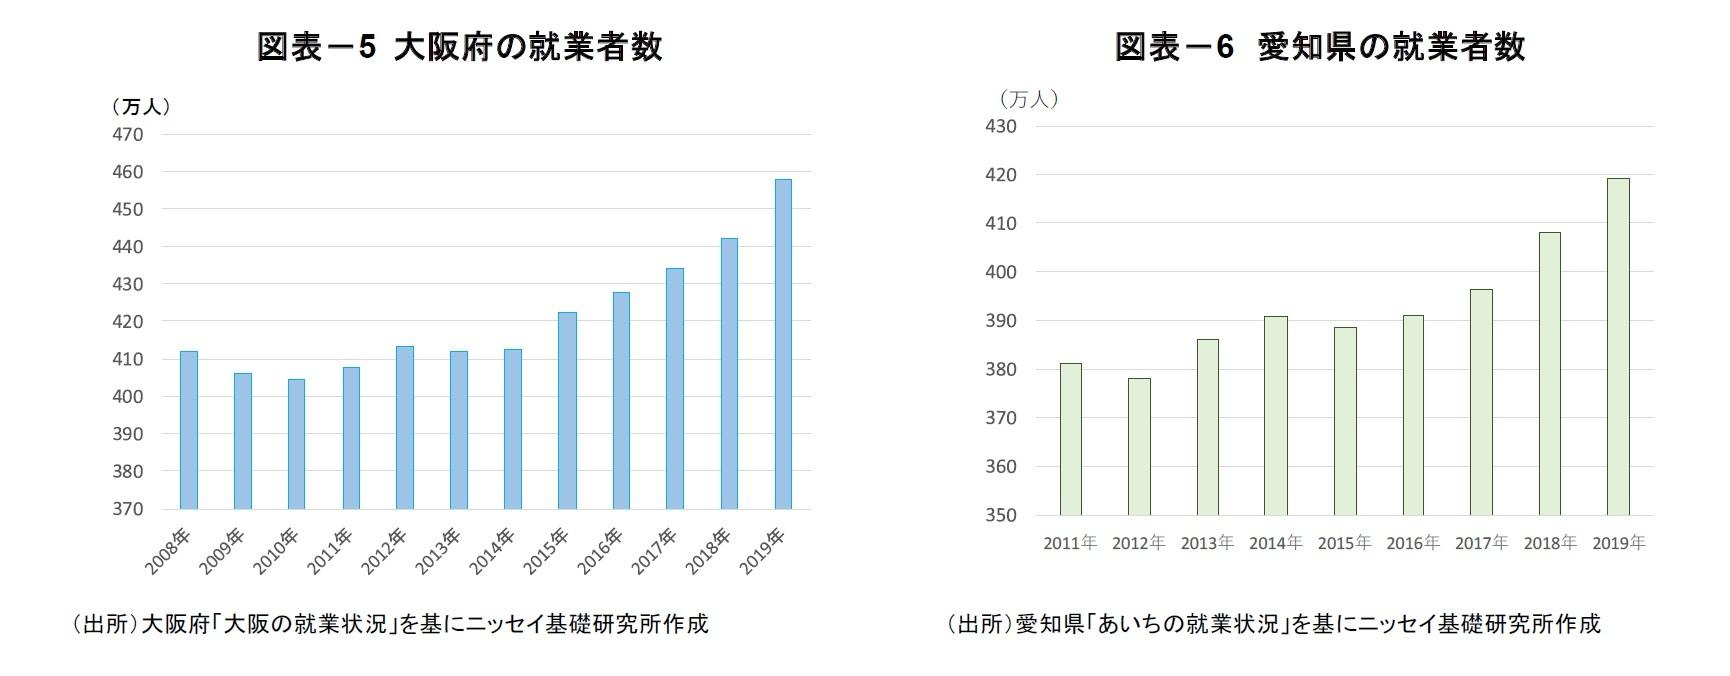 図表-5 大阪府の就業者数/図表-6 愛知県の就業者数